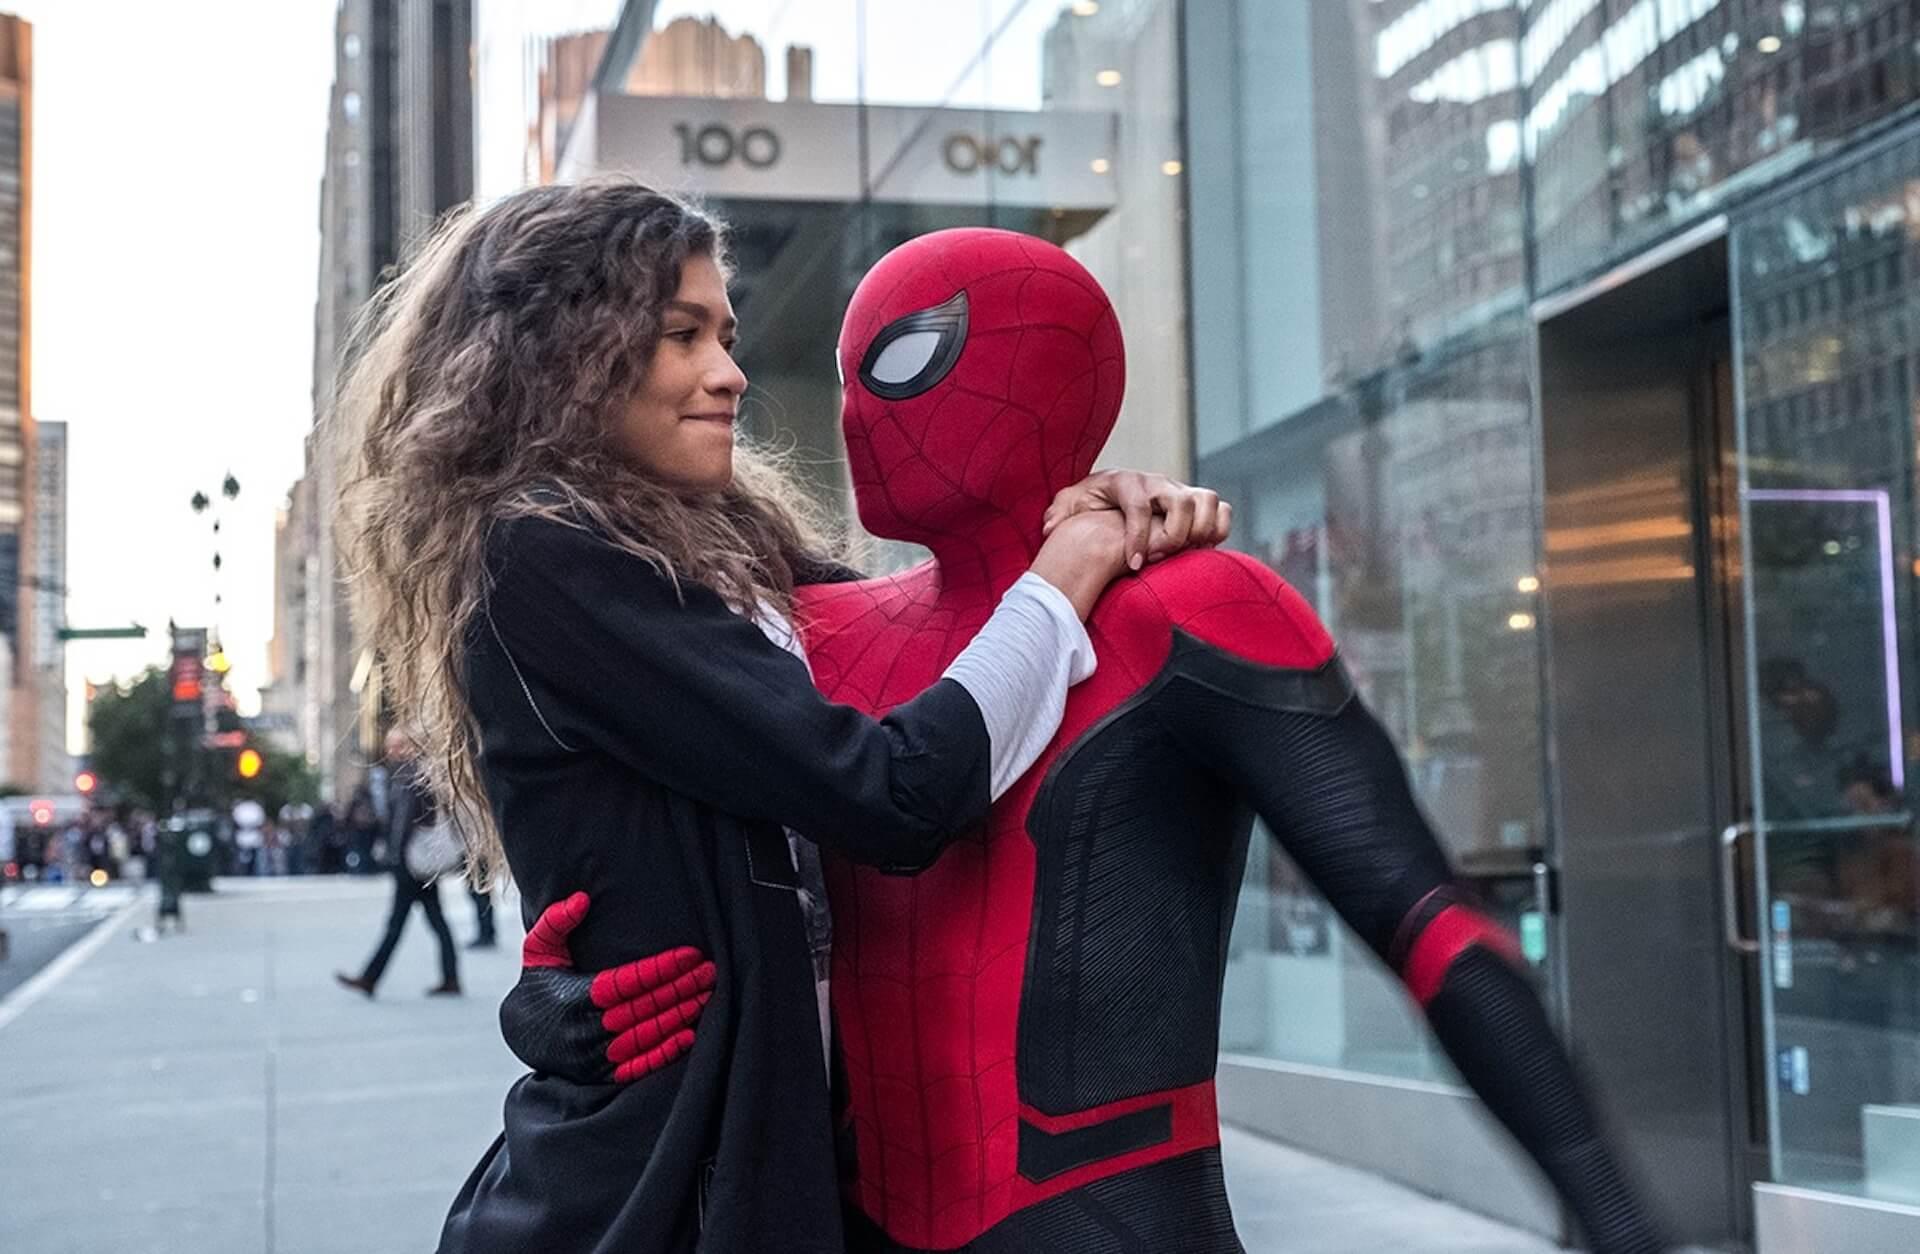 撮影進行中のマーベル・スタジオ『スパイダーマン3』のスパイダーマンの姿がついに公開!トム・ホランドがInstagramで披露 film201109_spiderman_main